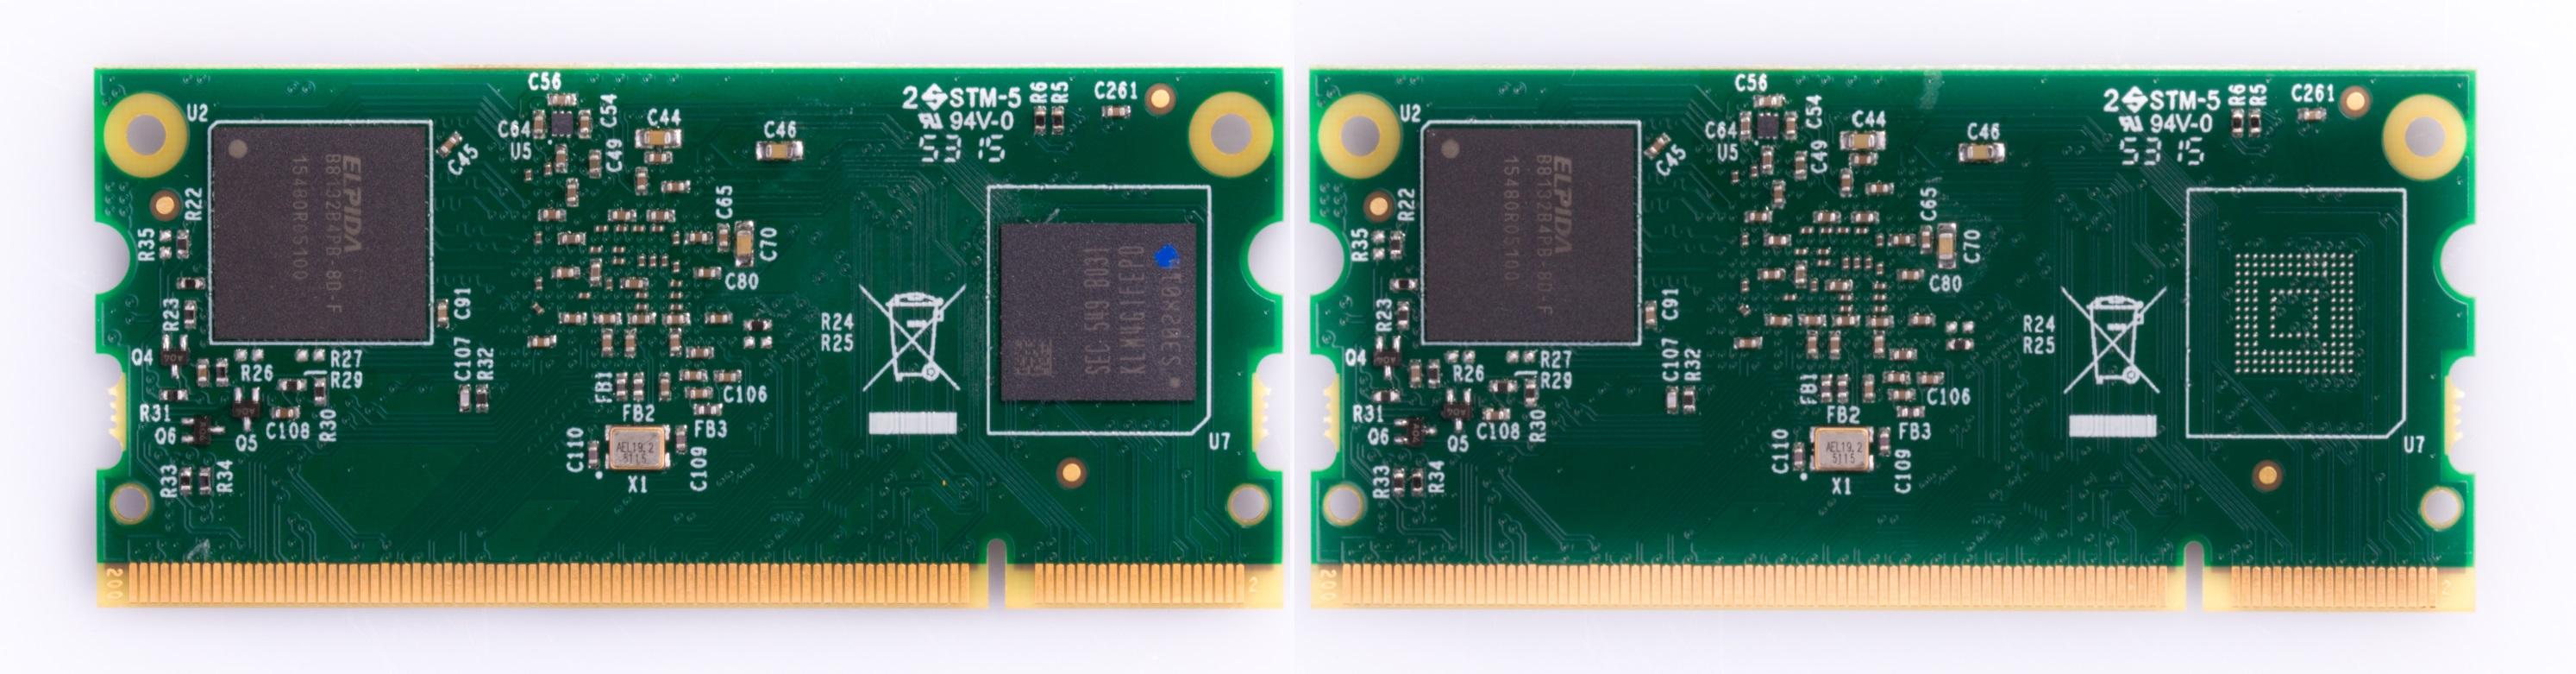 à gauche le compute module 3 standard, à droite la version light